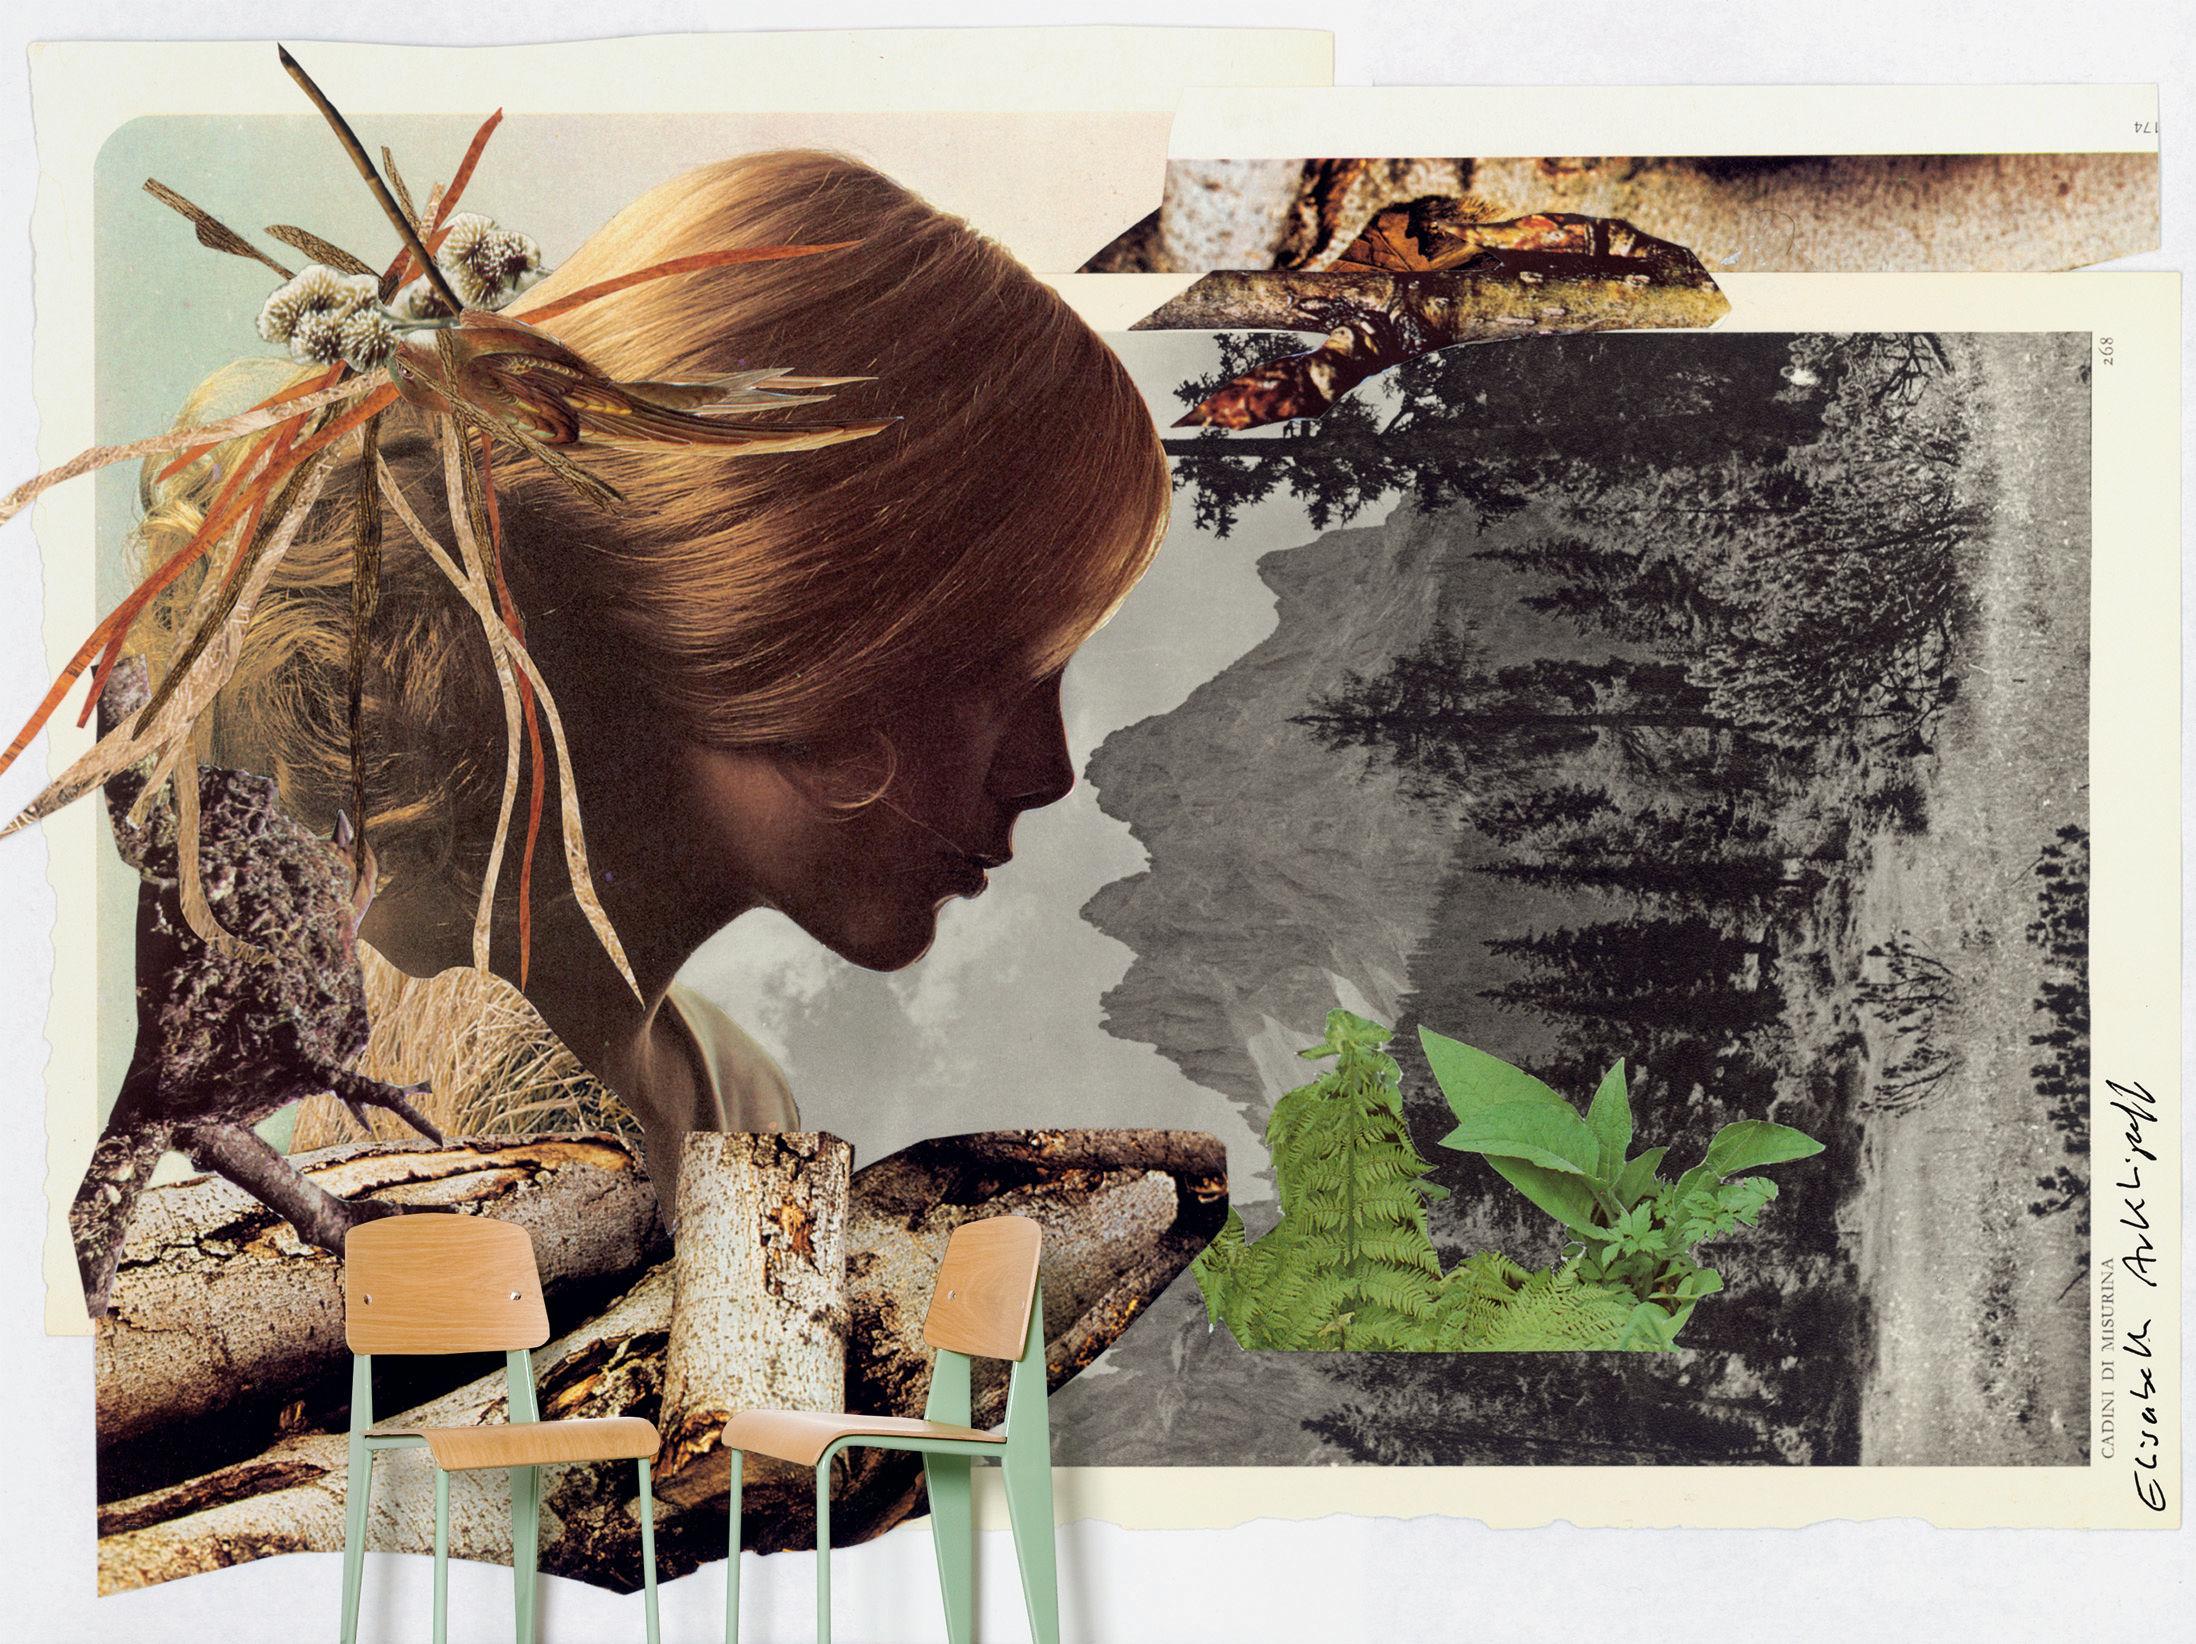 Déco - Stickers, papiers peints & posters - Papier peint panoramique Arkhipoff Landscape / 8 lés - L 372 x H 300 cm - Domestic - Arkhipoff Landscape / Multicolore - Papier intissé